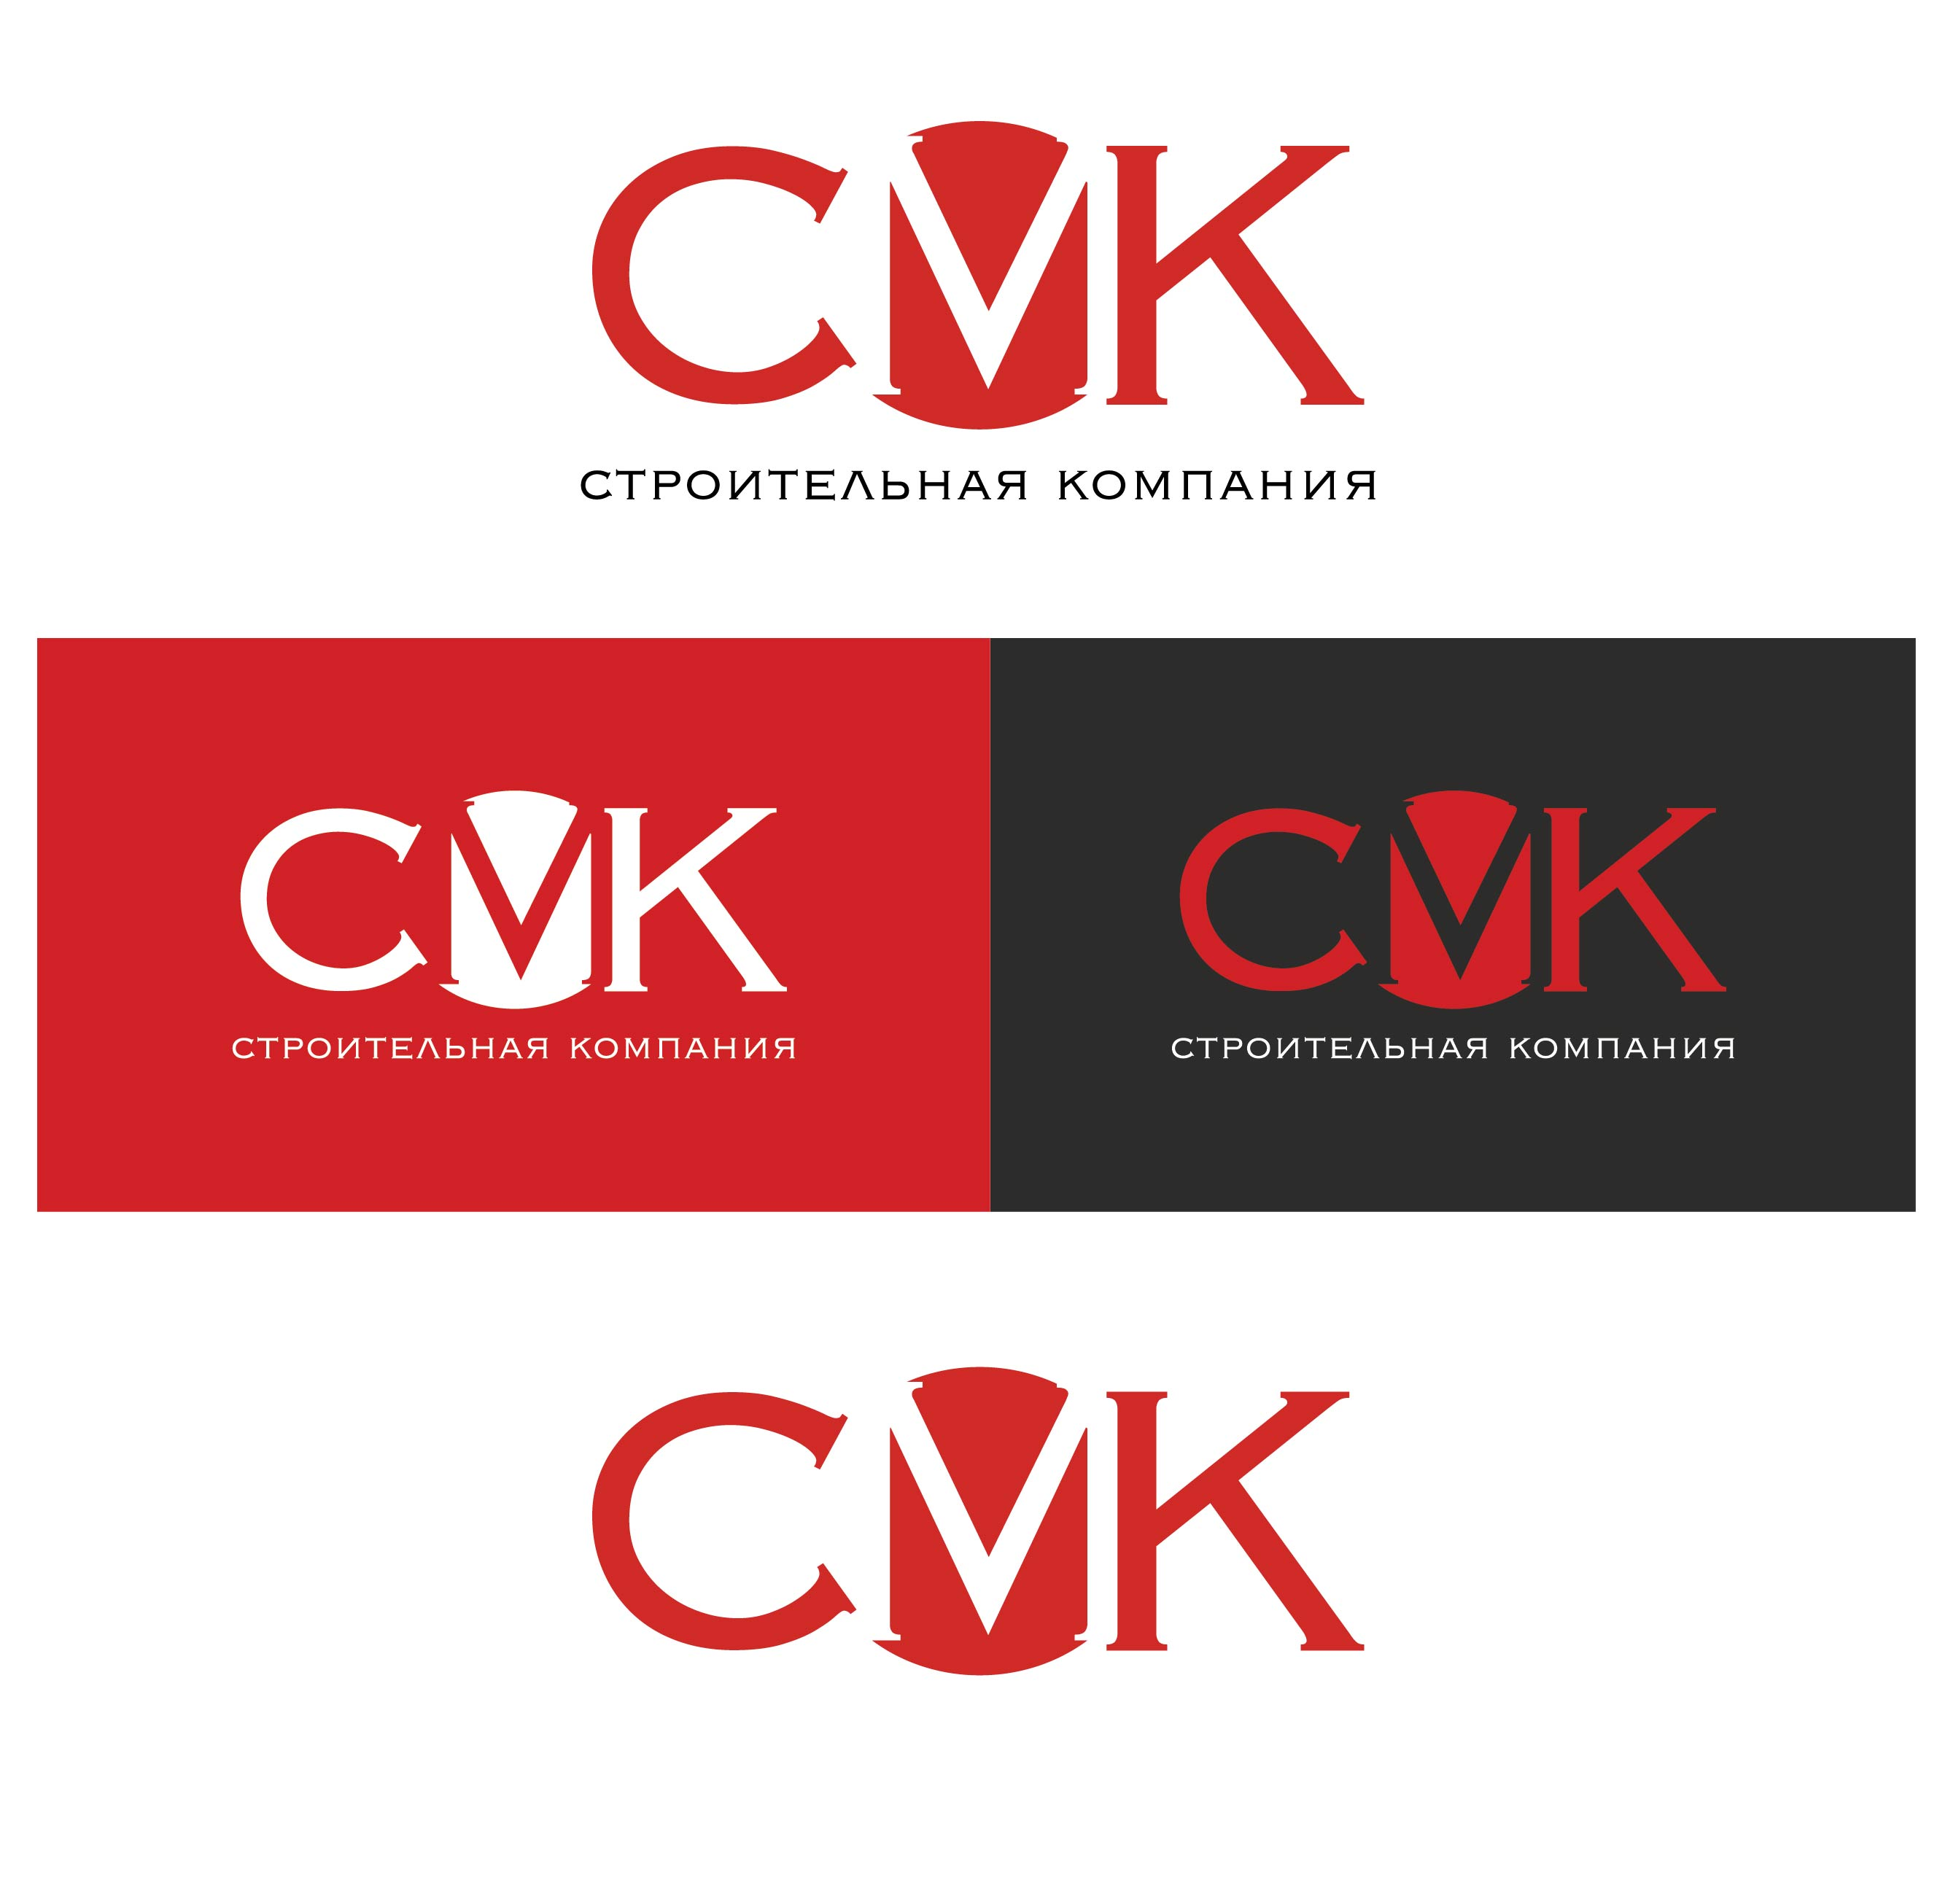 Разработка логотипа компании фото f_8505dc45b7e5596d.jpg